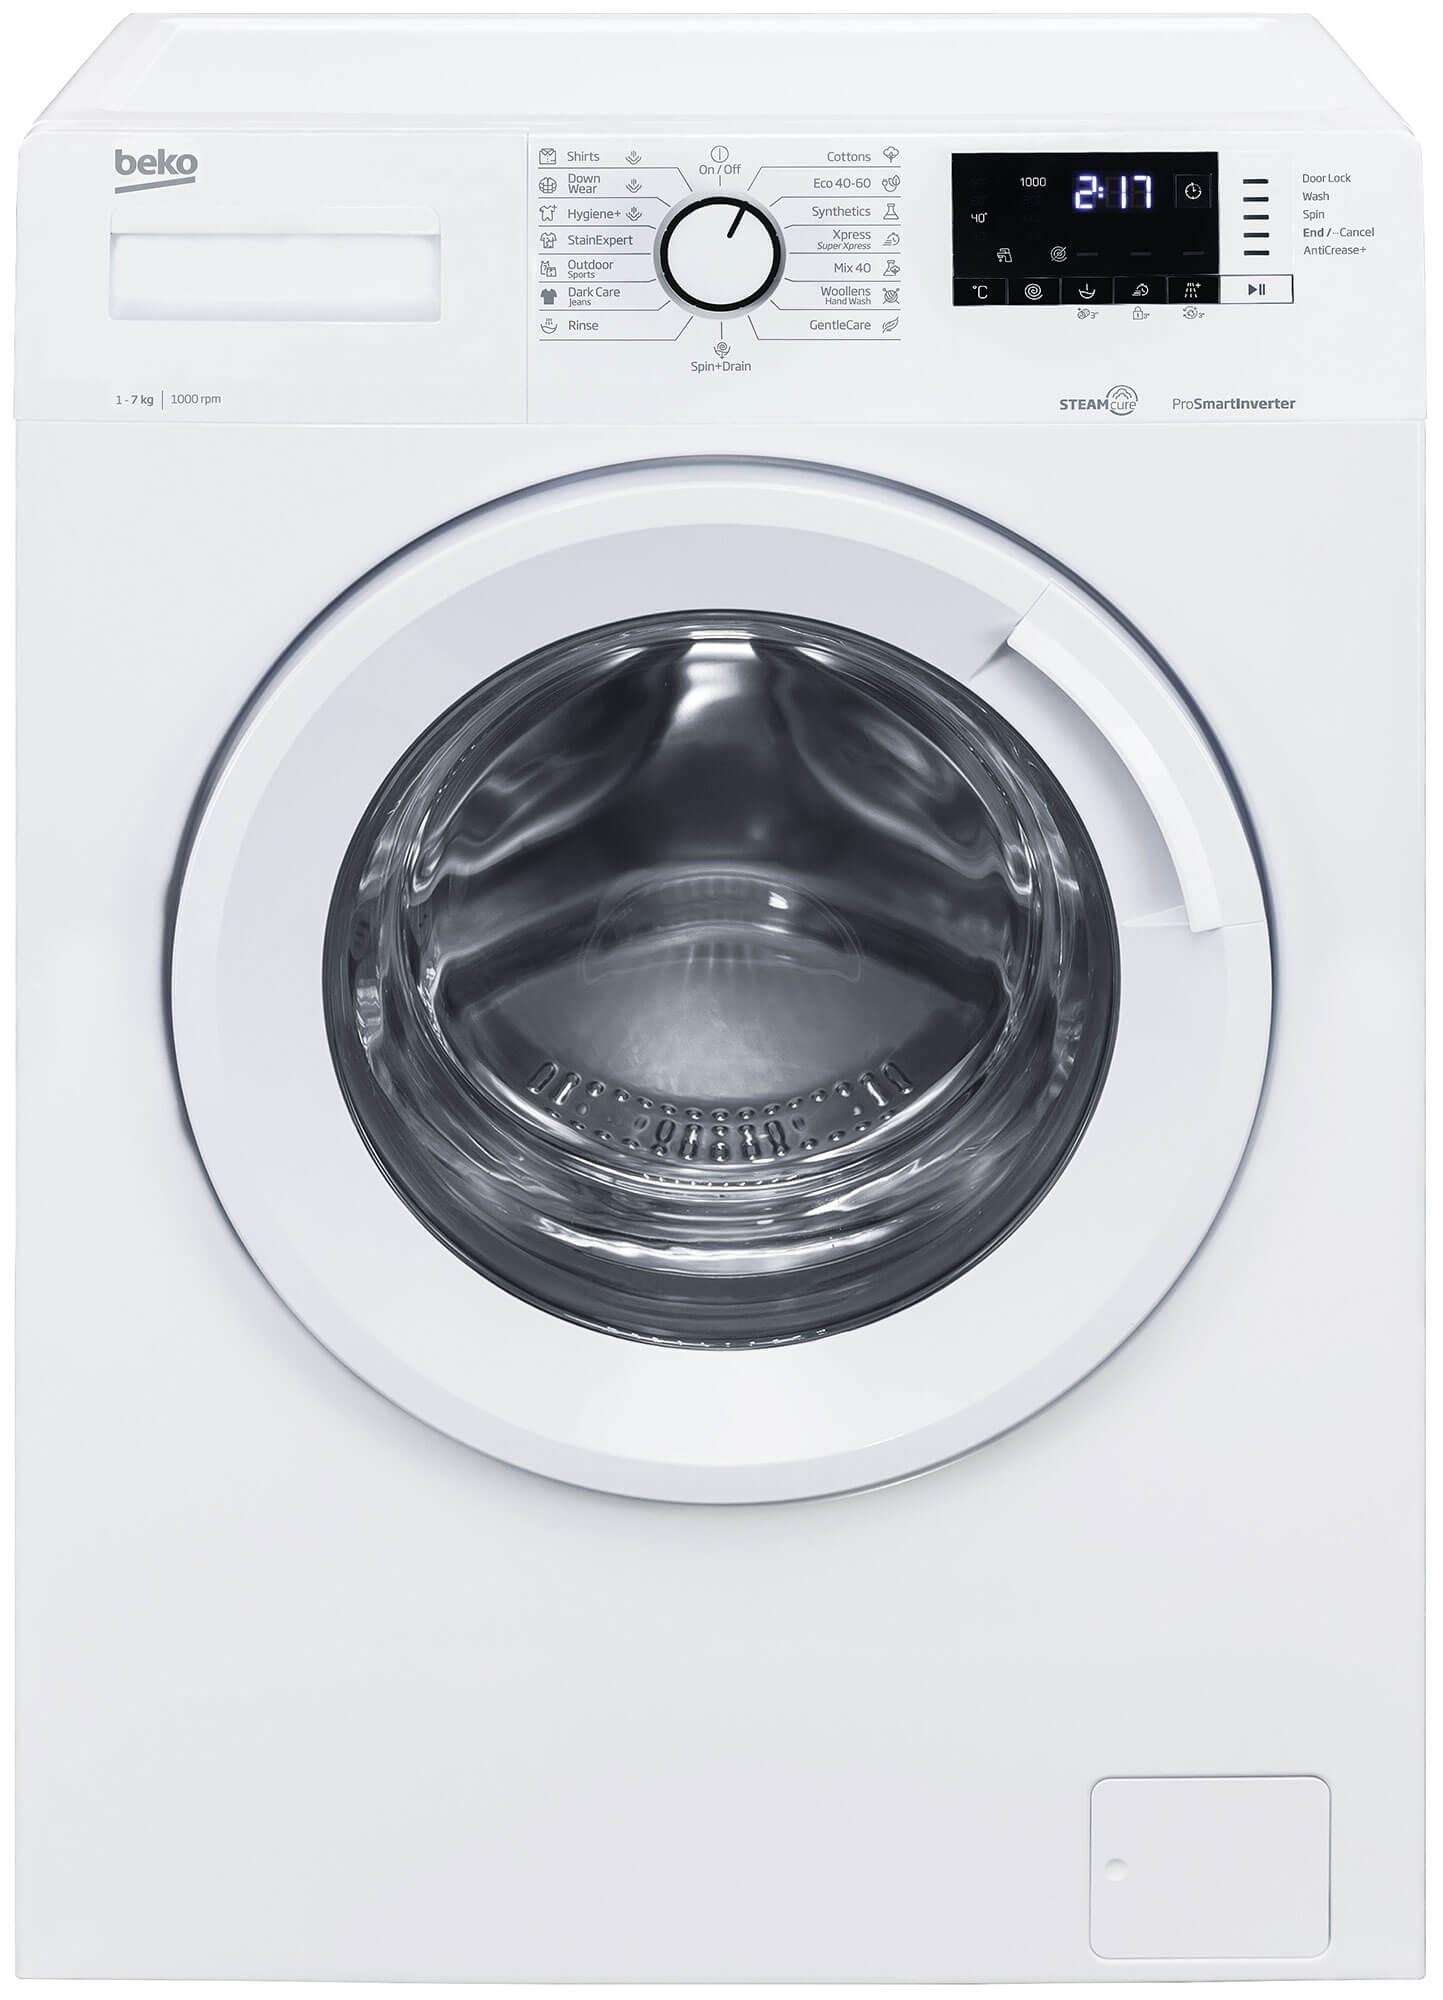 Masina de spalat rufe Beko WUE7512XWST (NOU 2020)